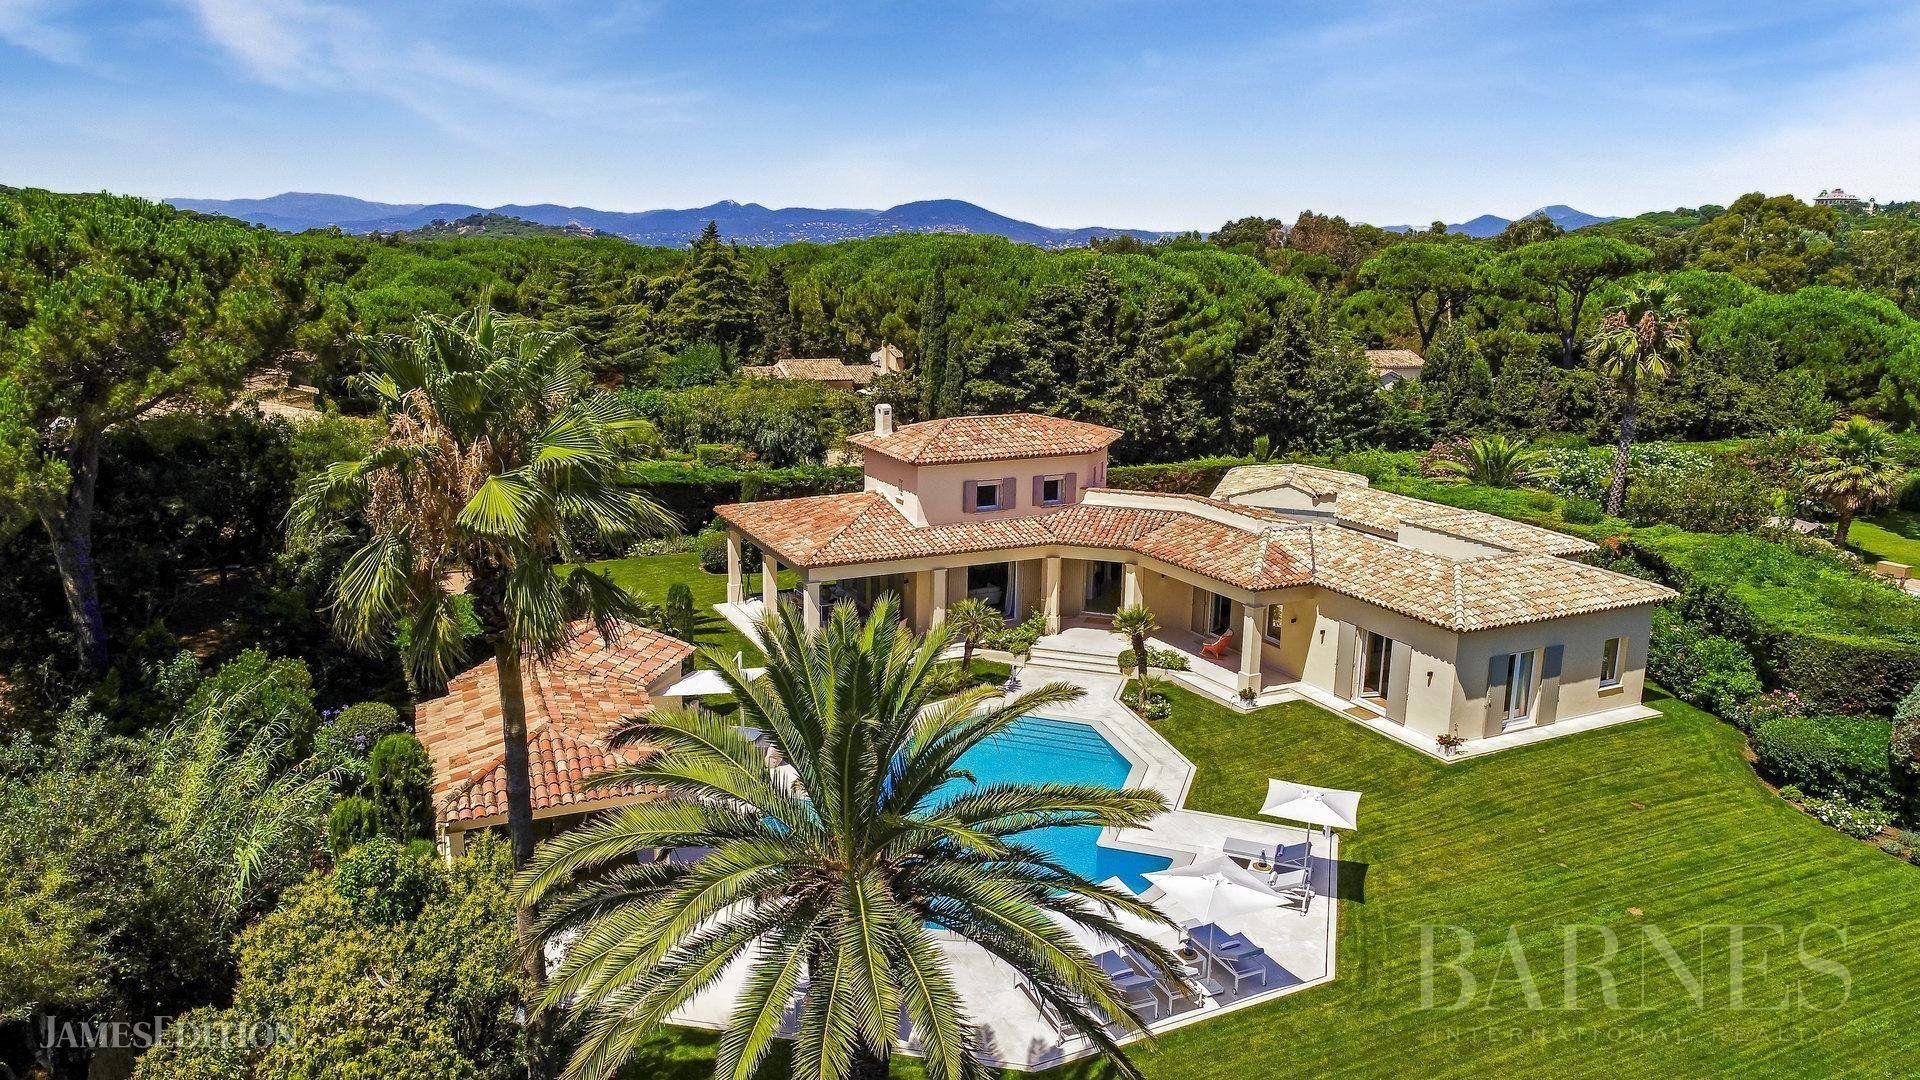 Villa in Saint-Tropez, Provence-Alpes-Côte d'Azur, France 1 - 10732228